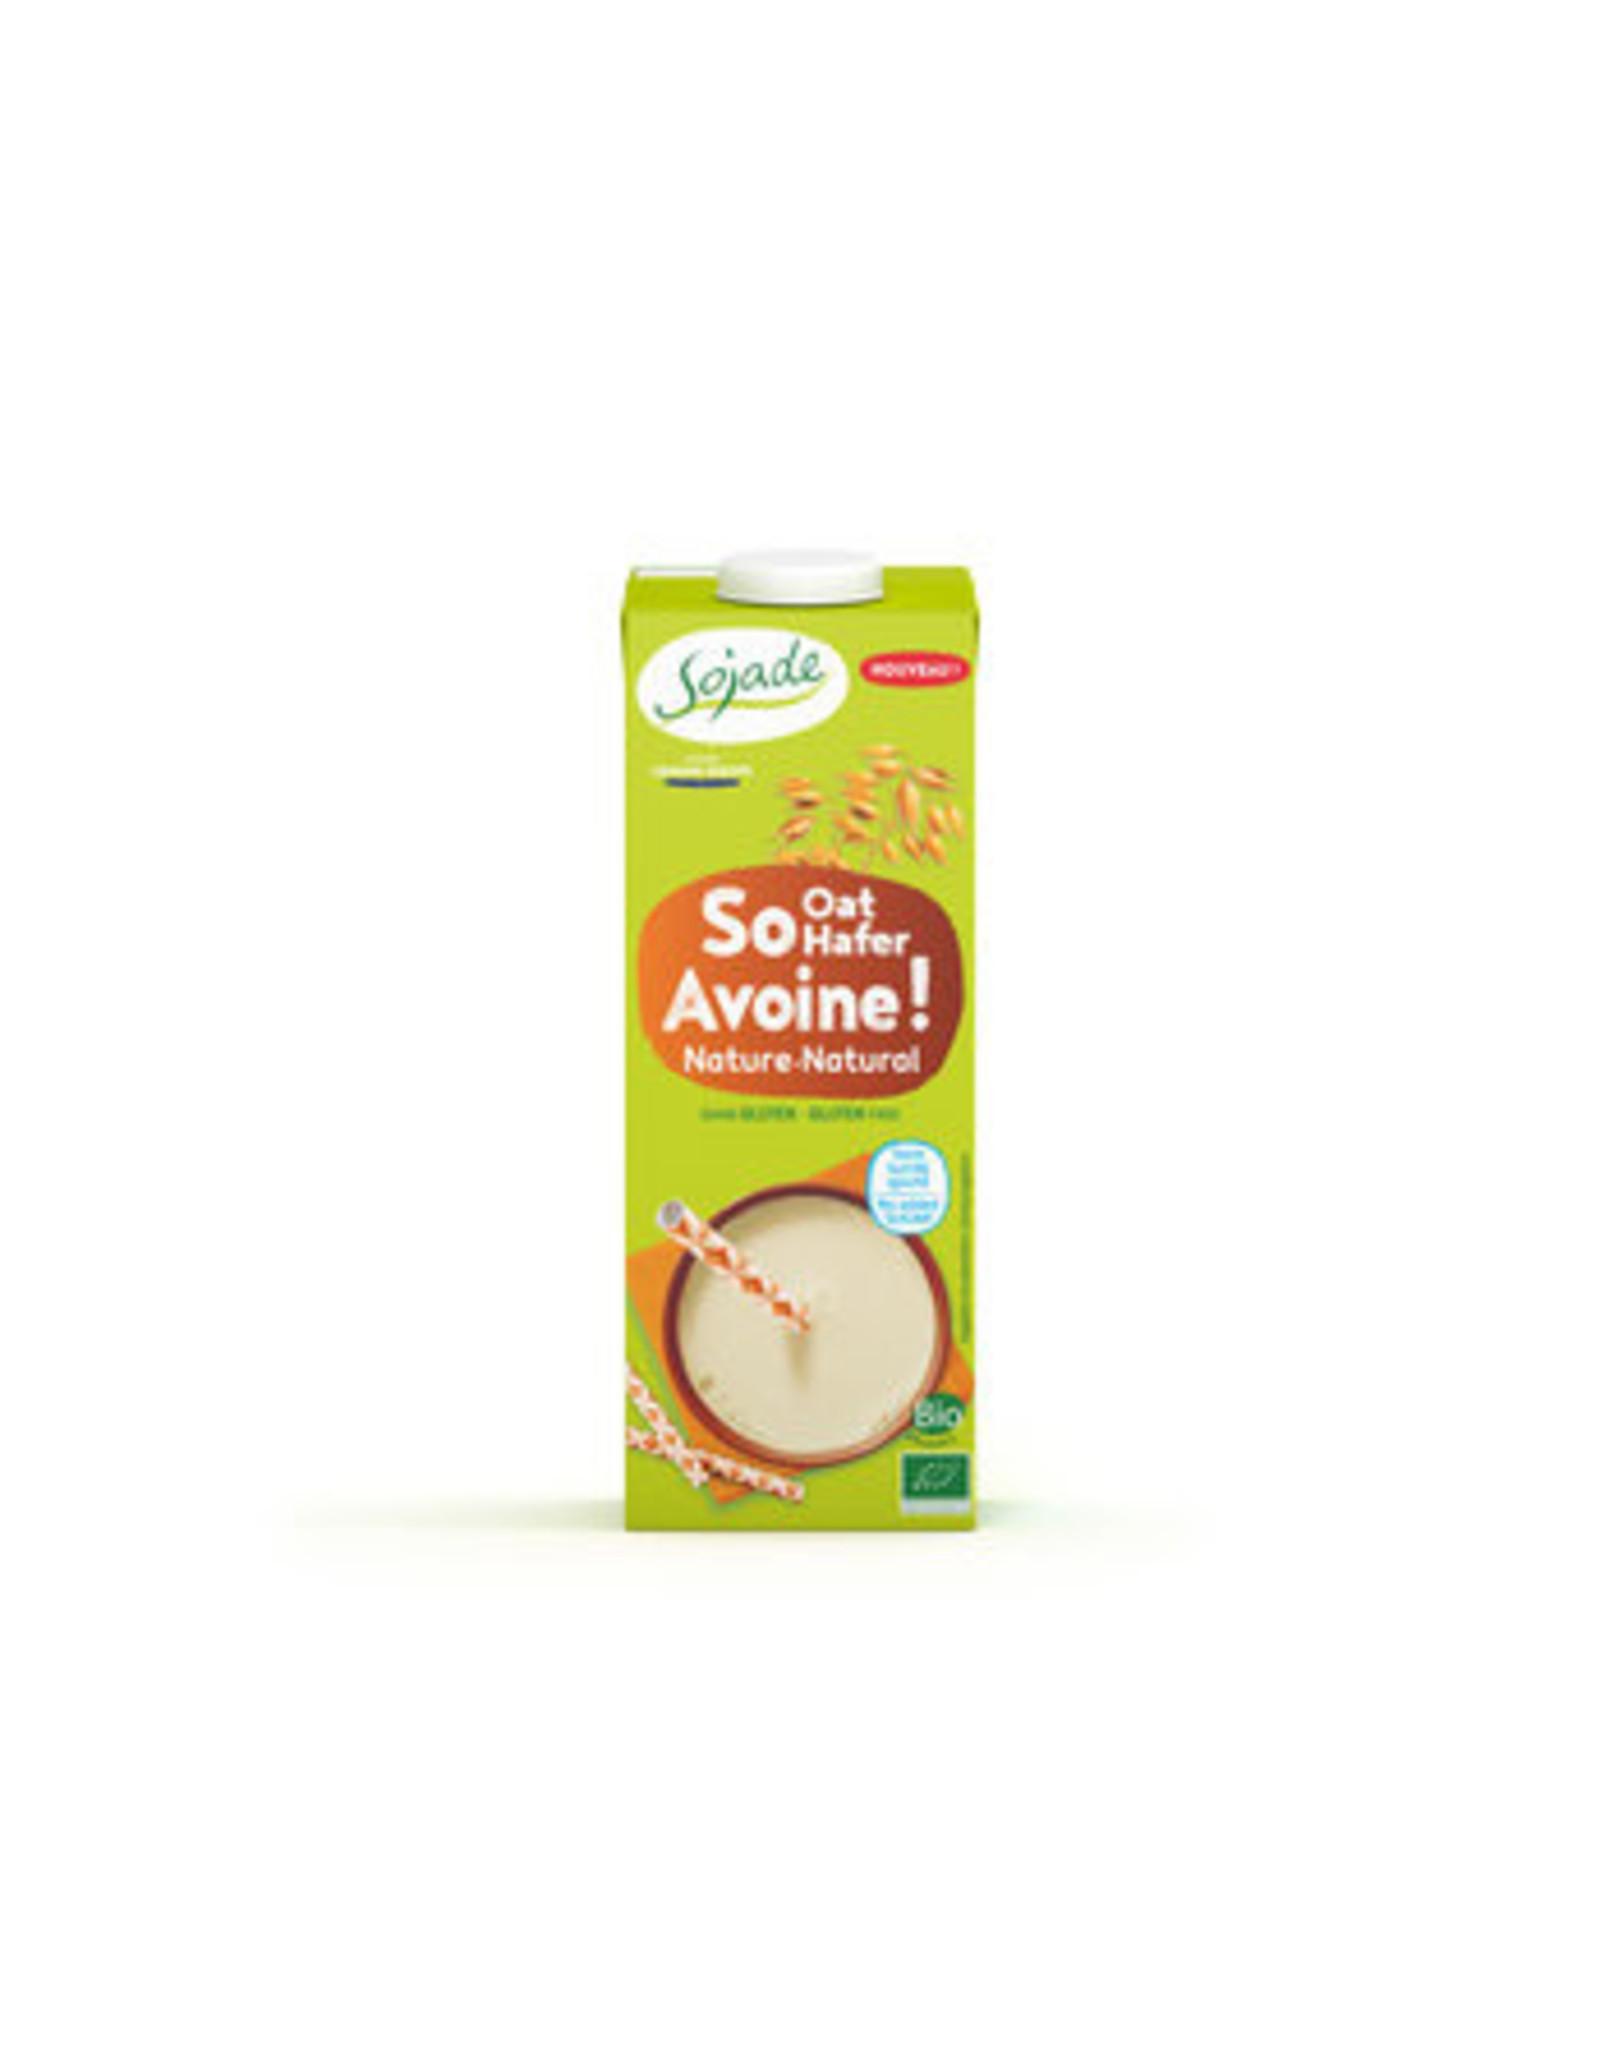 SOJADE Bebida de Avena Natural 1L